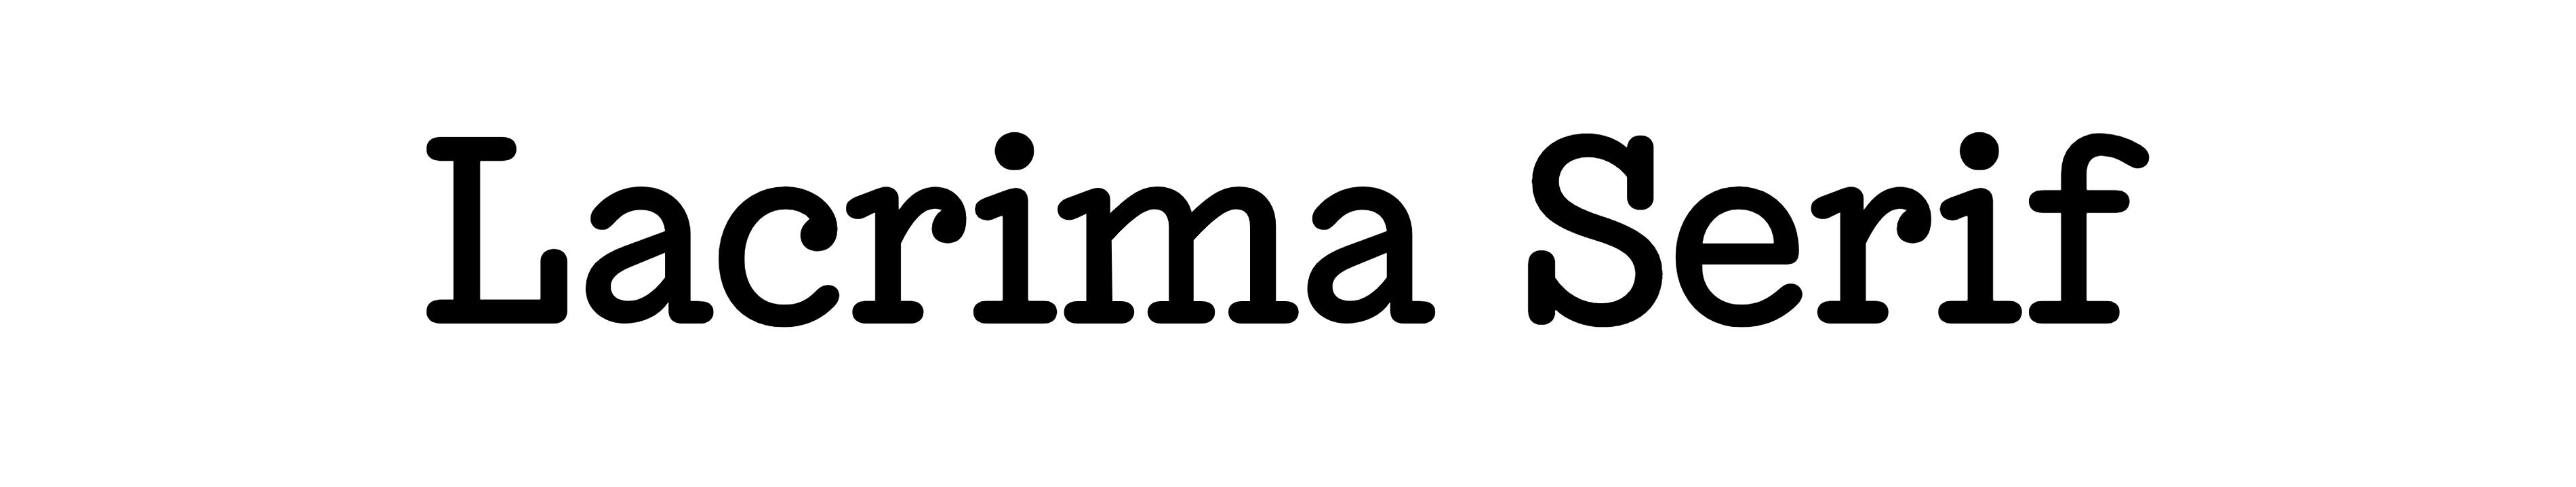 Lacrima Serif